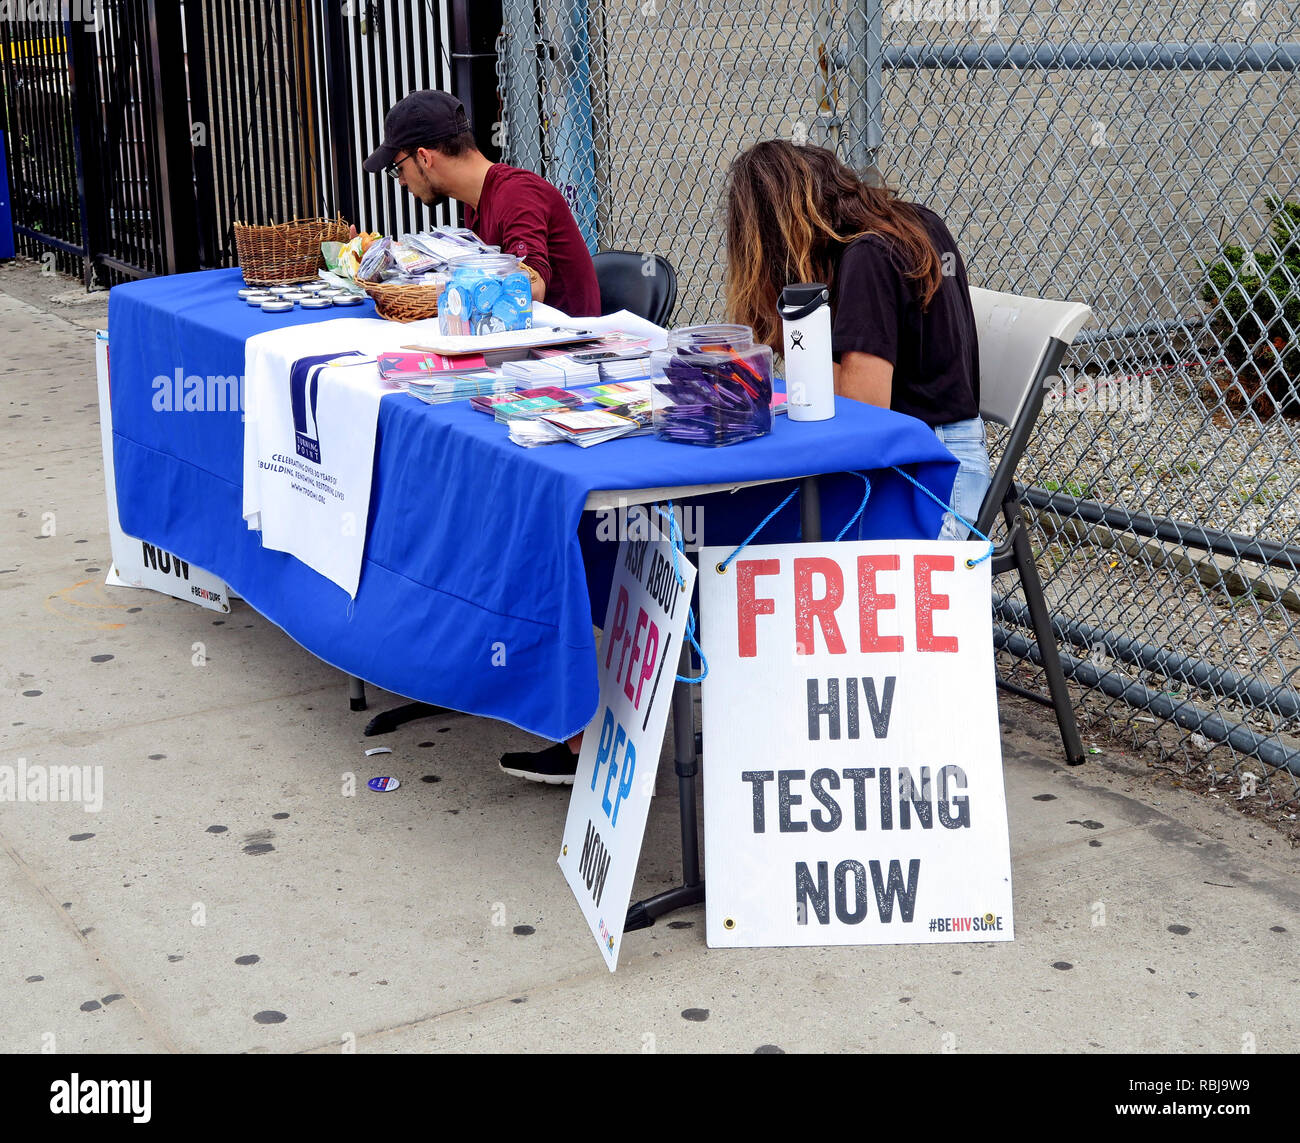 Laden Sie dieses Alamy Stockfoto Kostenlose HIV-Tests, Stall, Wendepunkt, Nächstenliebe, Coney Island, Brooklyn, New York, NYC, USA - RBJ9W9